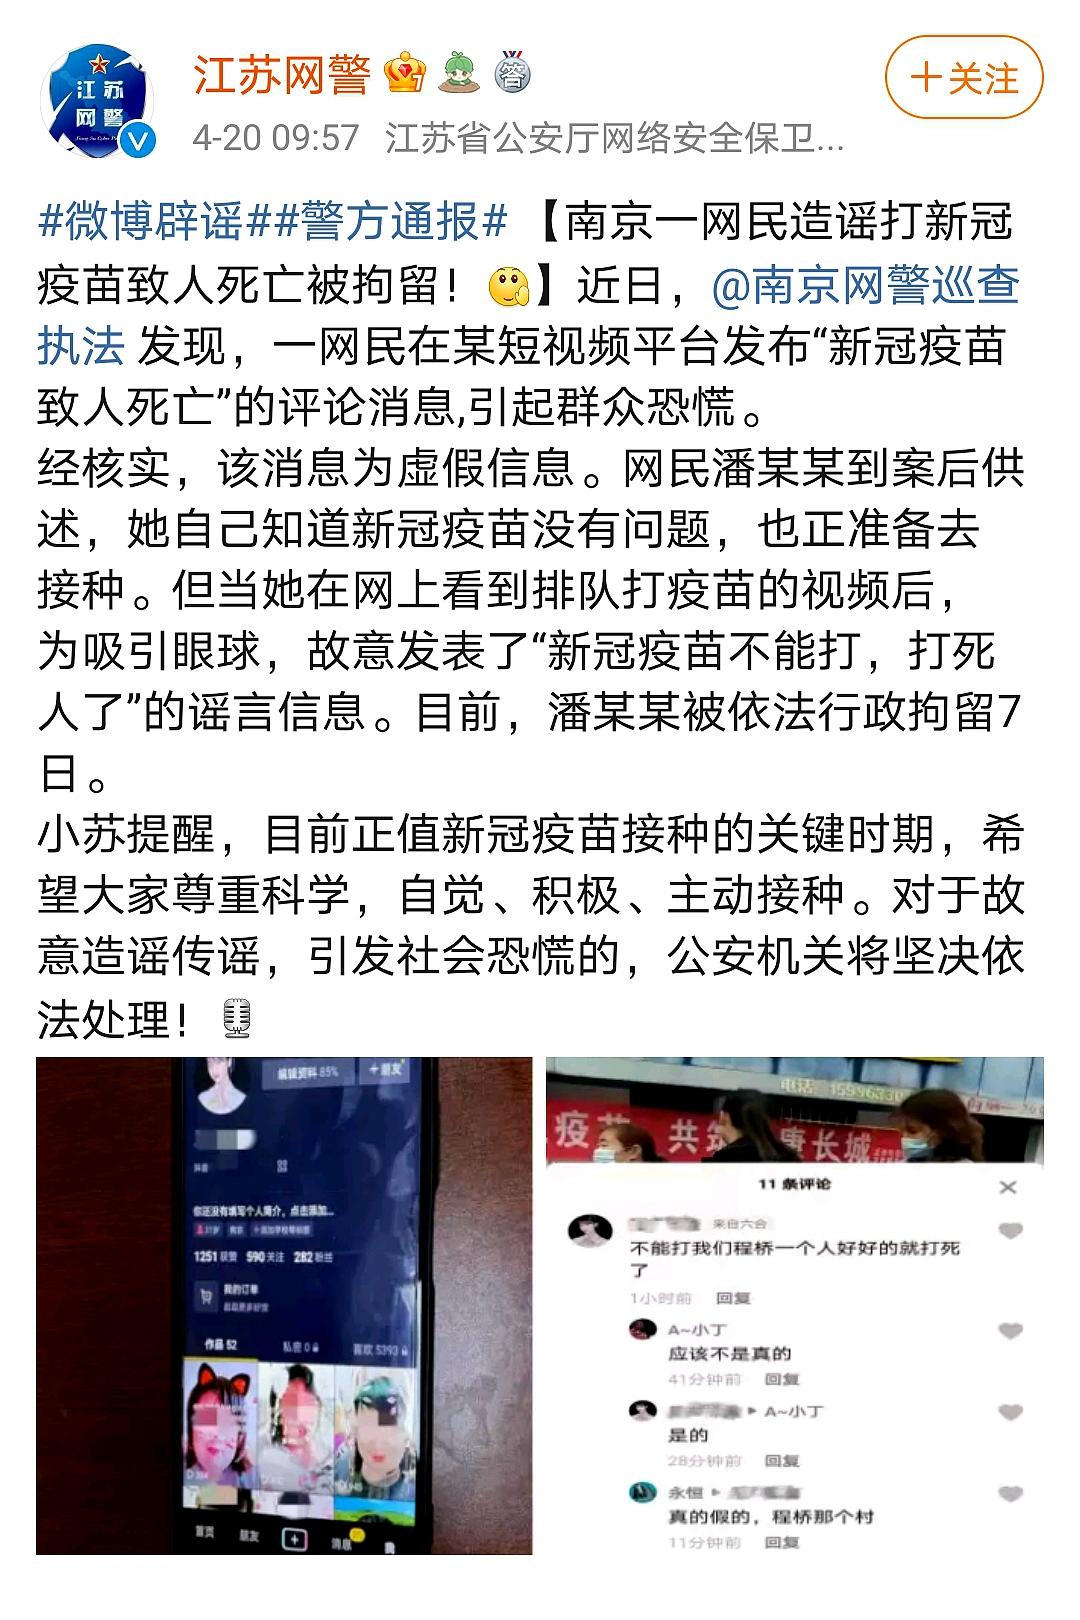 南京一网民造谣打新冠疫苗致人死亡被拘留!